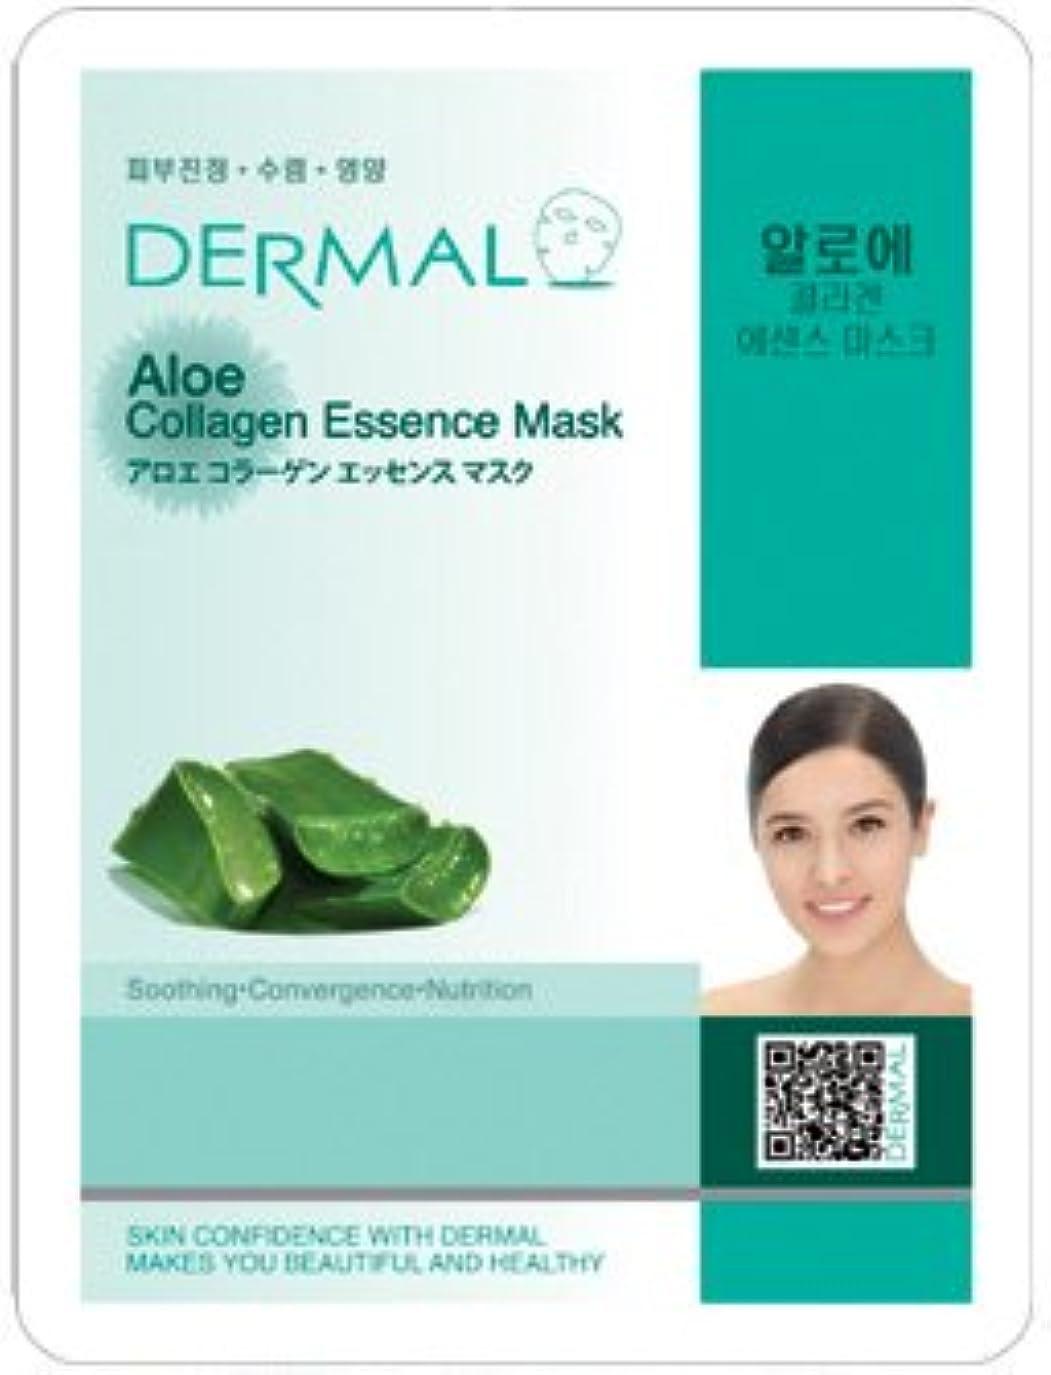 マーチャンダイジング添加剤気まぐれなダーマル(Dermal) シートマスク アロエエッセンスマスク 100枚セット フェイス パック